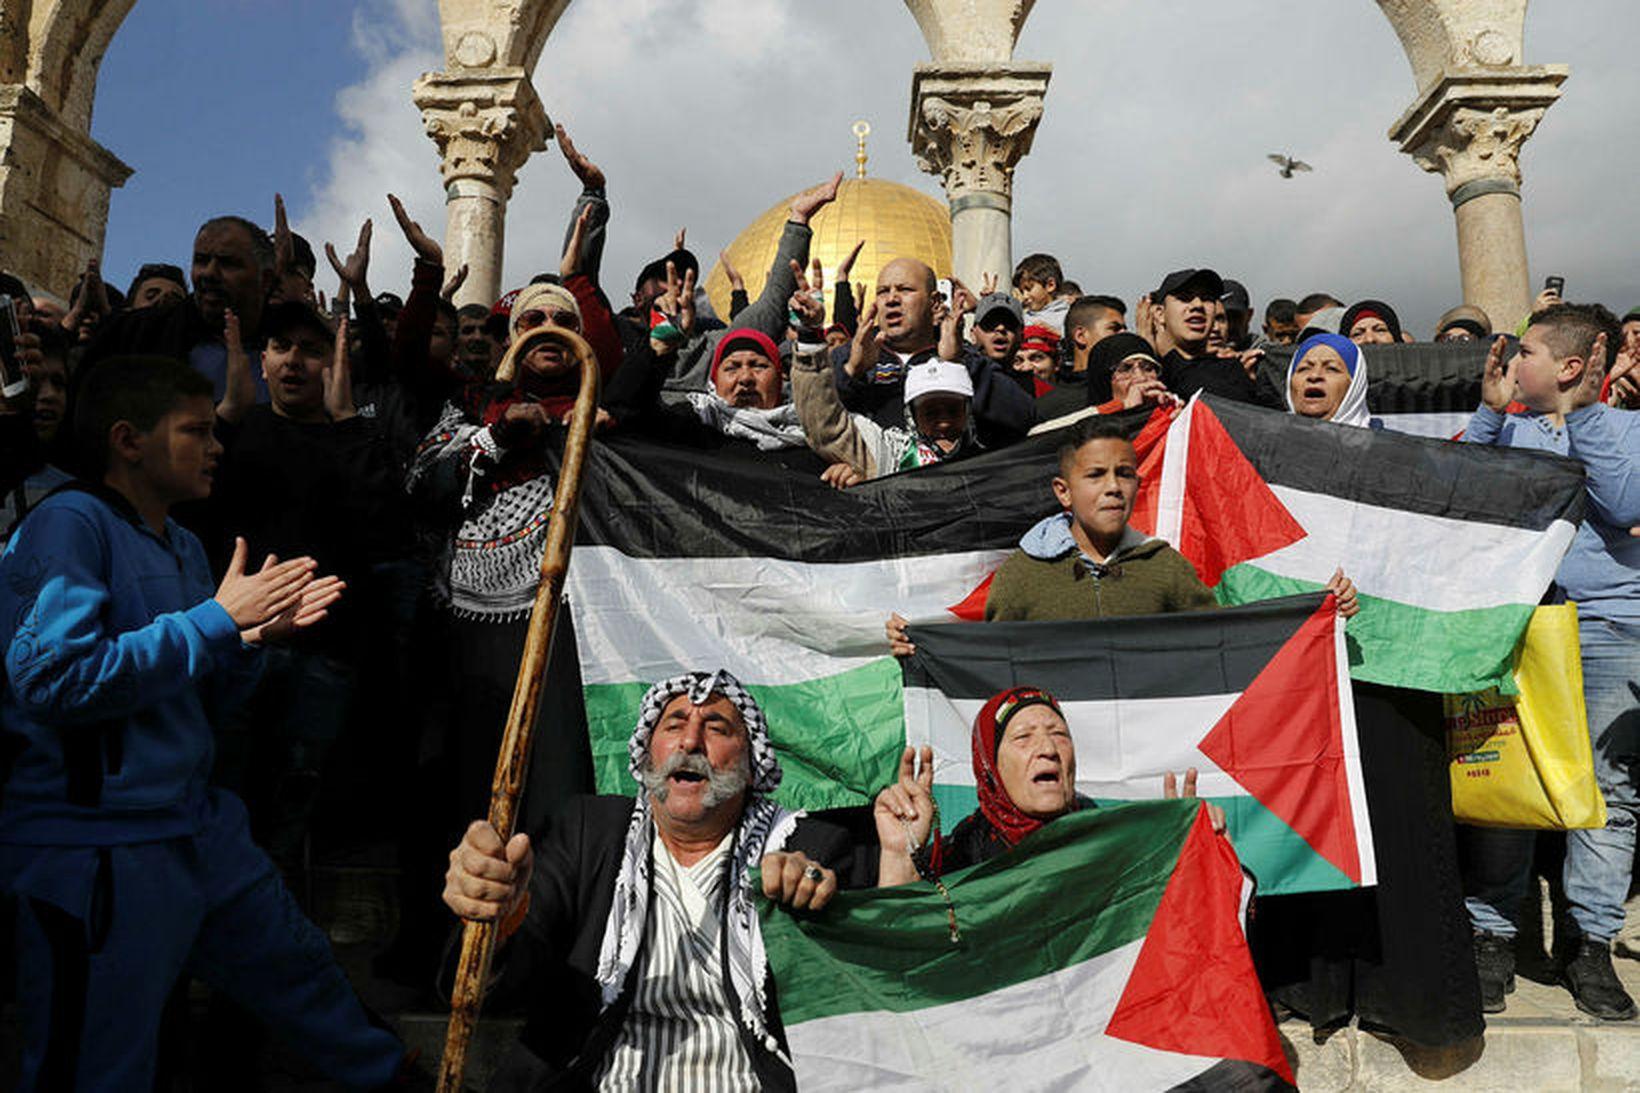 Palestínuflóttamannaaðstoð Sameinuðu þjóðanna (UNRWA) styður við yfir fimm milljónir palestínskra …